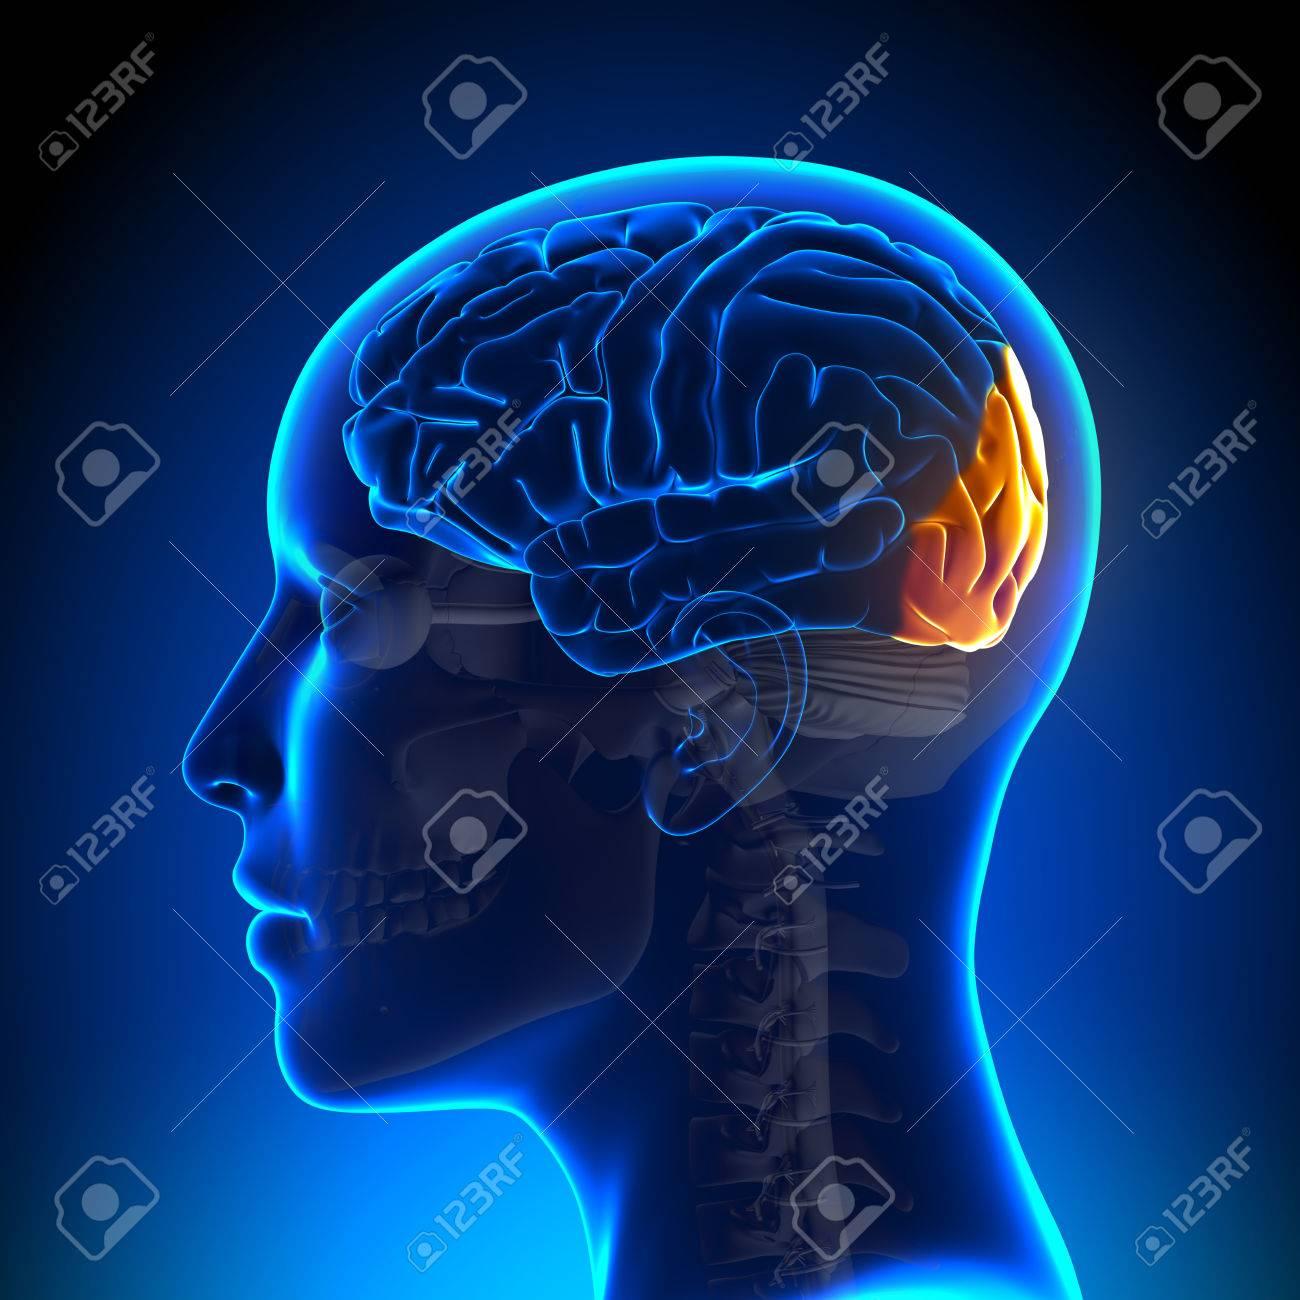 Female Occipital Lobe - Anatomy Brain Stock Photo, Picture And ...